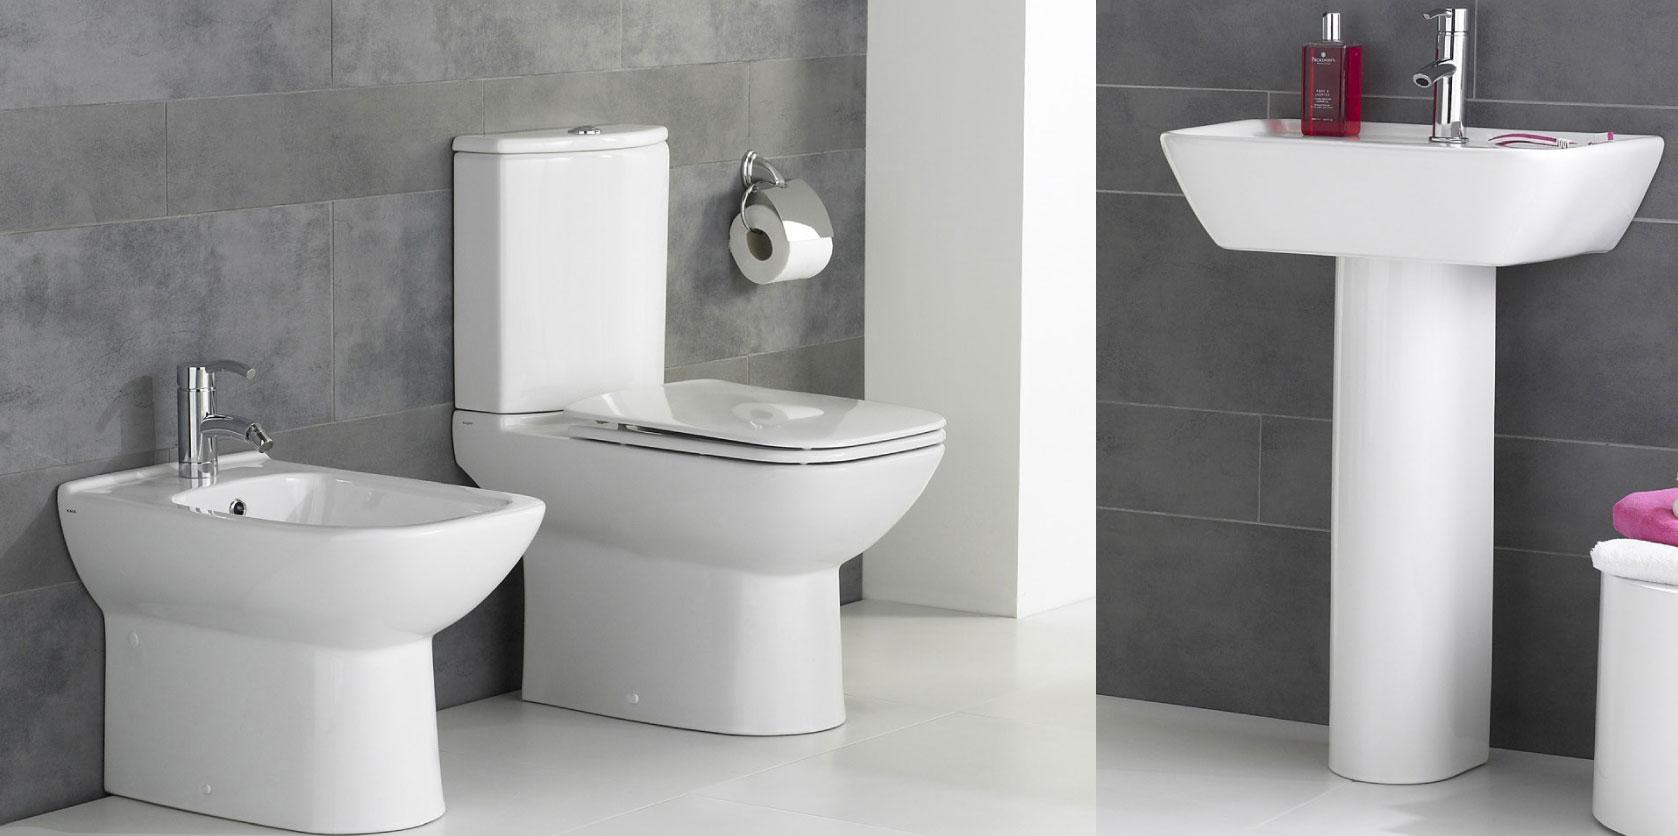 بالصور اطقم حمامات , اختاري اجمل اطقم حمامات لمنزلك 2510 1